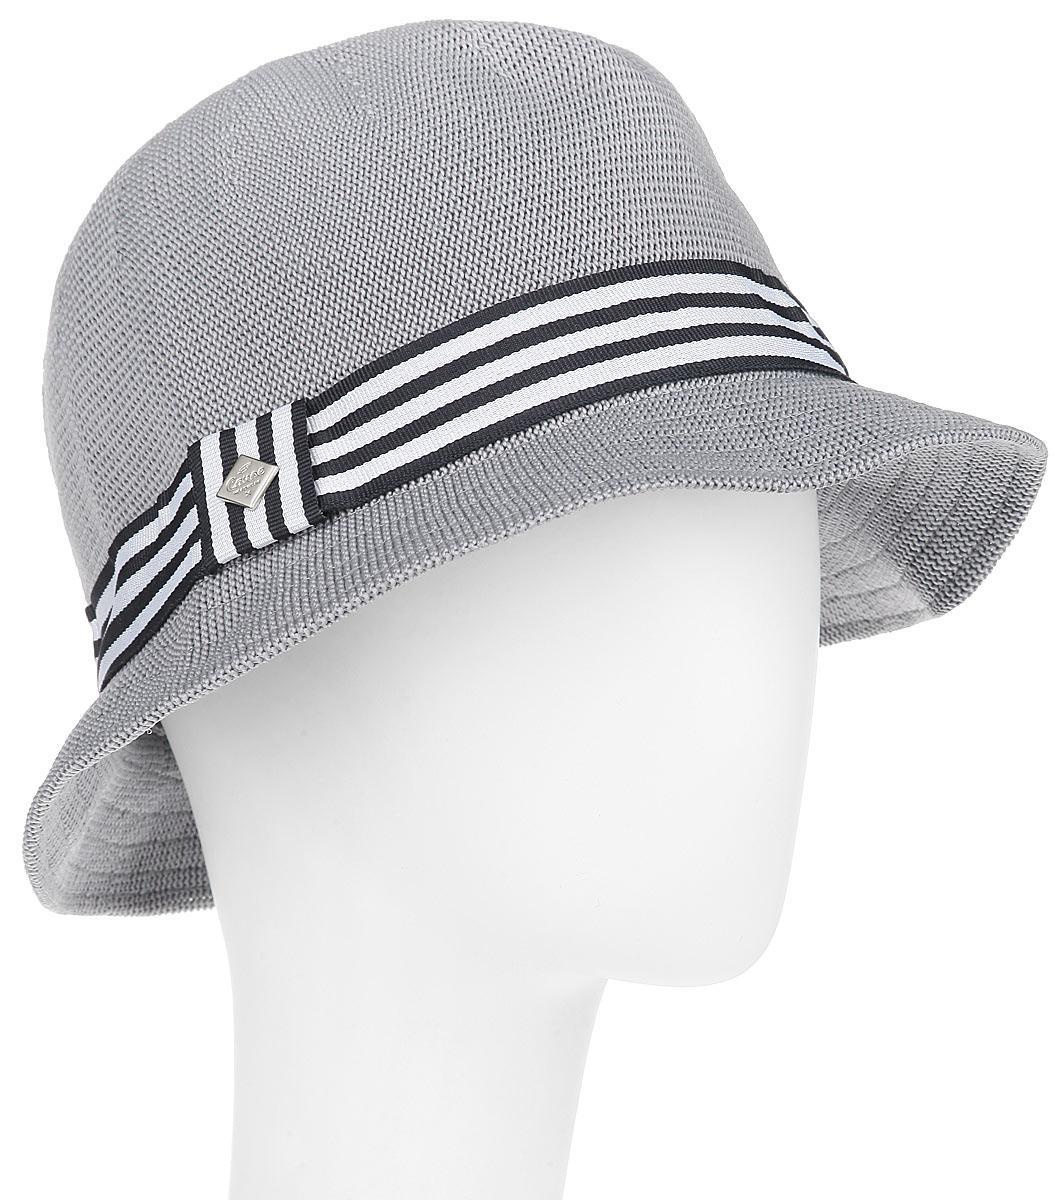 Шляпа женская Canoe Cliver, цвет: серый. 1961217. Размер 571961217Модная шляпа Canoe Cliver, выполненная из полиэстера и акрила, украсит любой наряд.Шляпа в стиле 30-х годов оформлена полосатой лентой с логотипом фирмы вокруг тульи. Благодаря своей форме, шляпа удобно садится по голове и подойдет к любому стилю. Шляпа легко восстанавливает свою форму после сжатия.Такая шляпка подчеркнет вашу неповторимость и дополнит ваш повседневный образ.